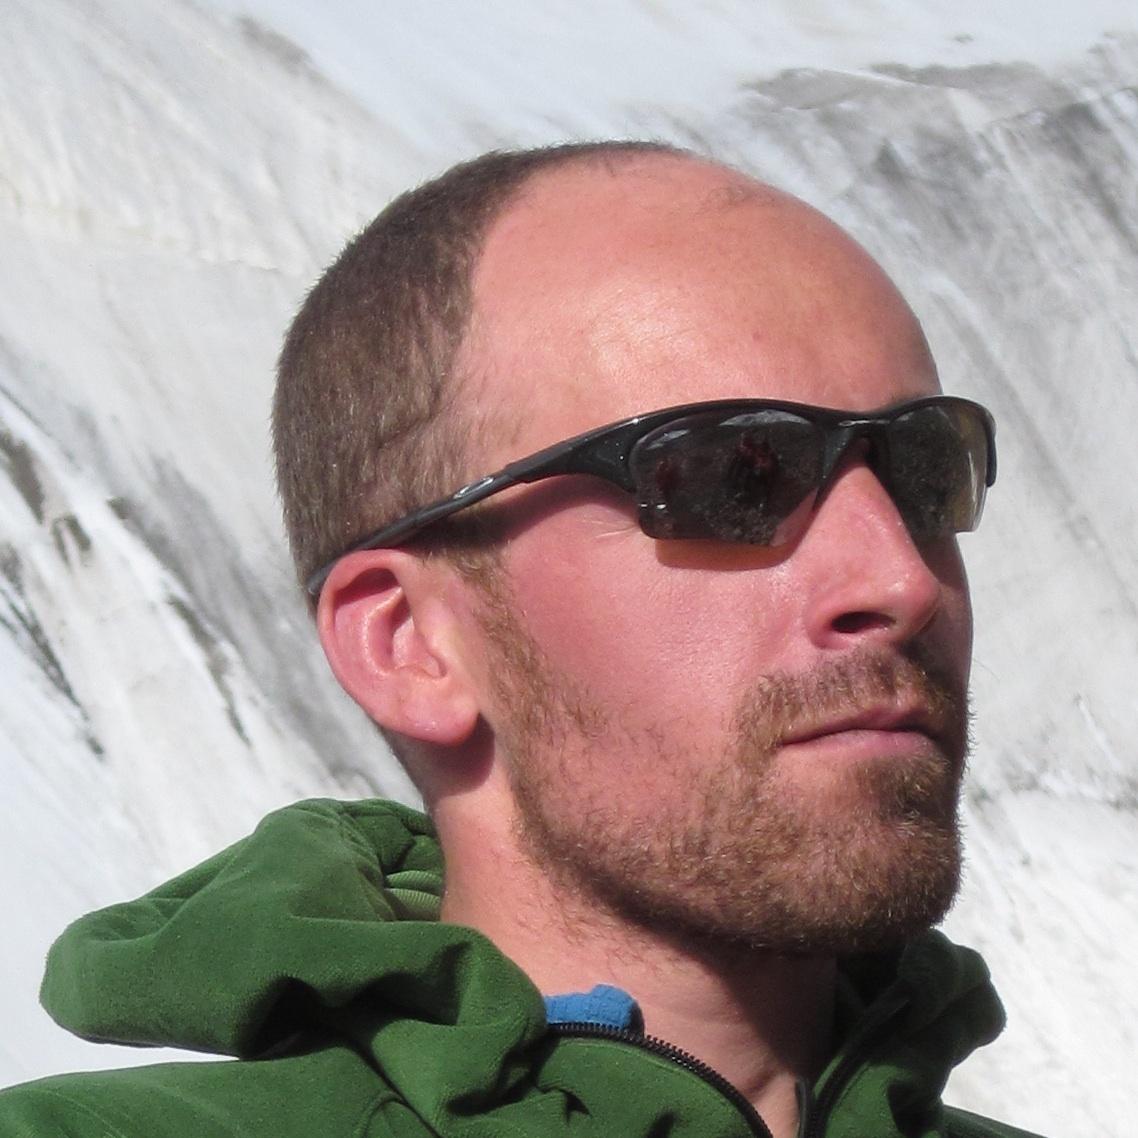 Gareth Neal Mottram